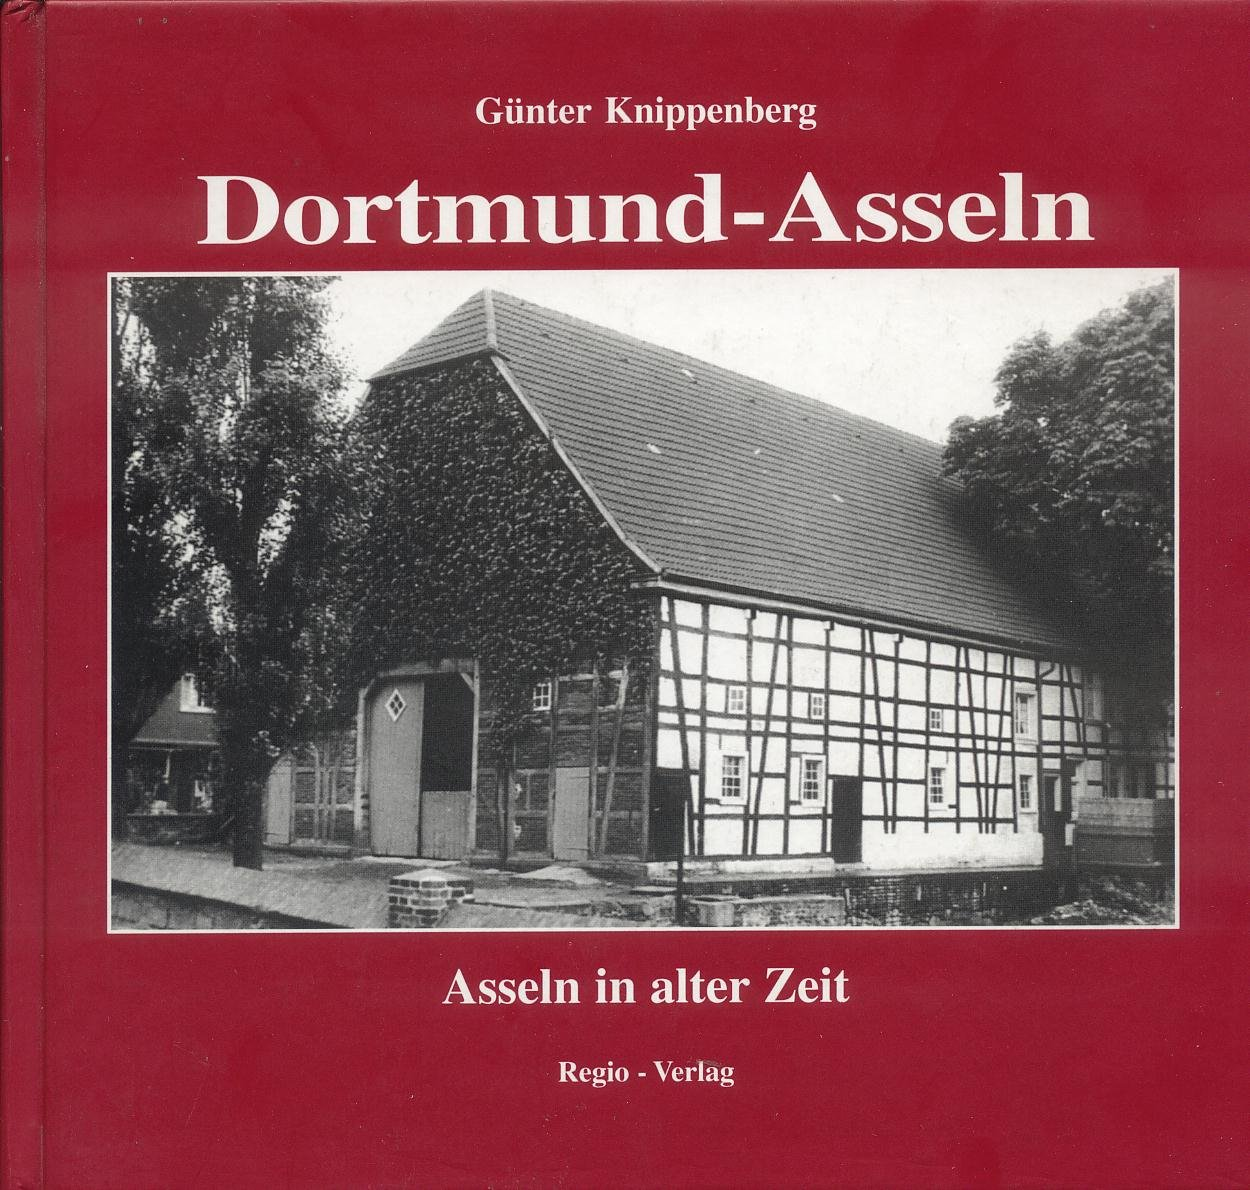 Dortmund-Asseln: Asseln in alter Zeit